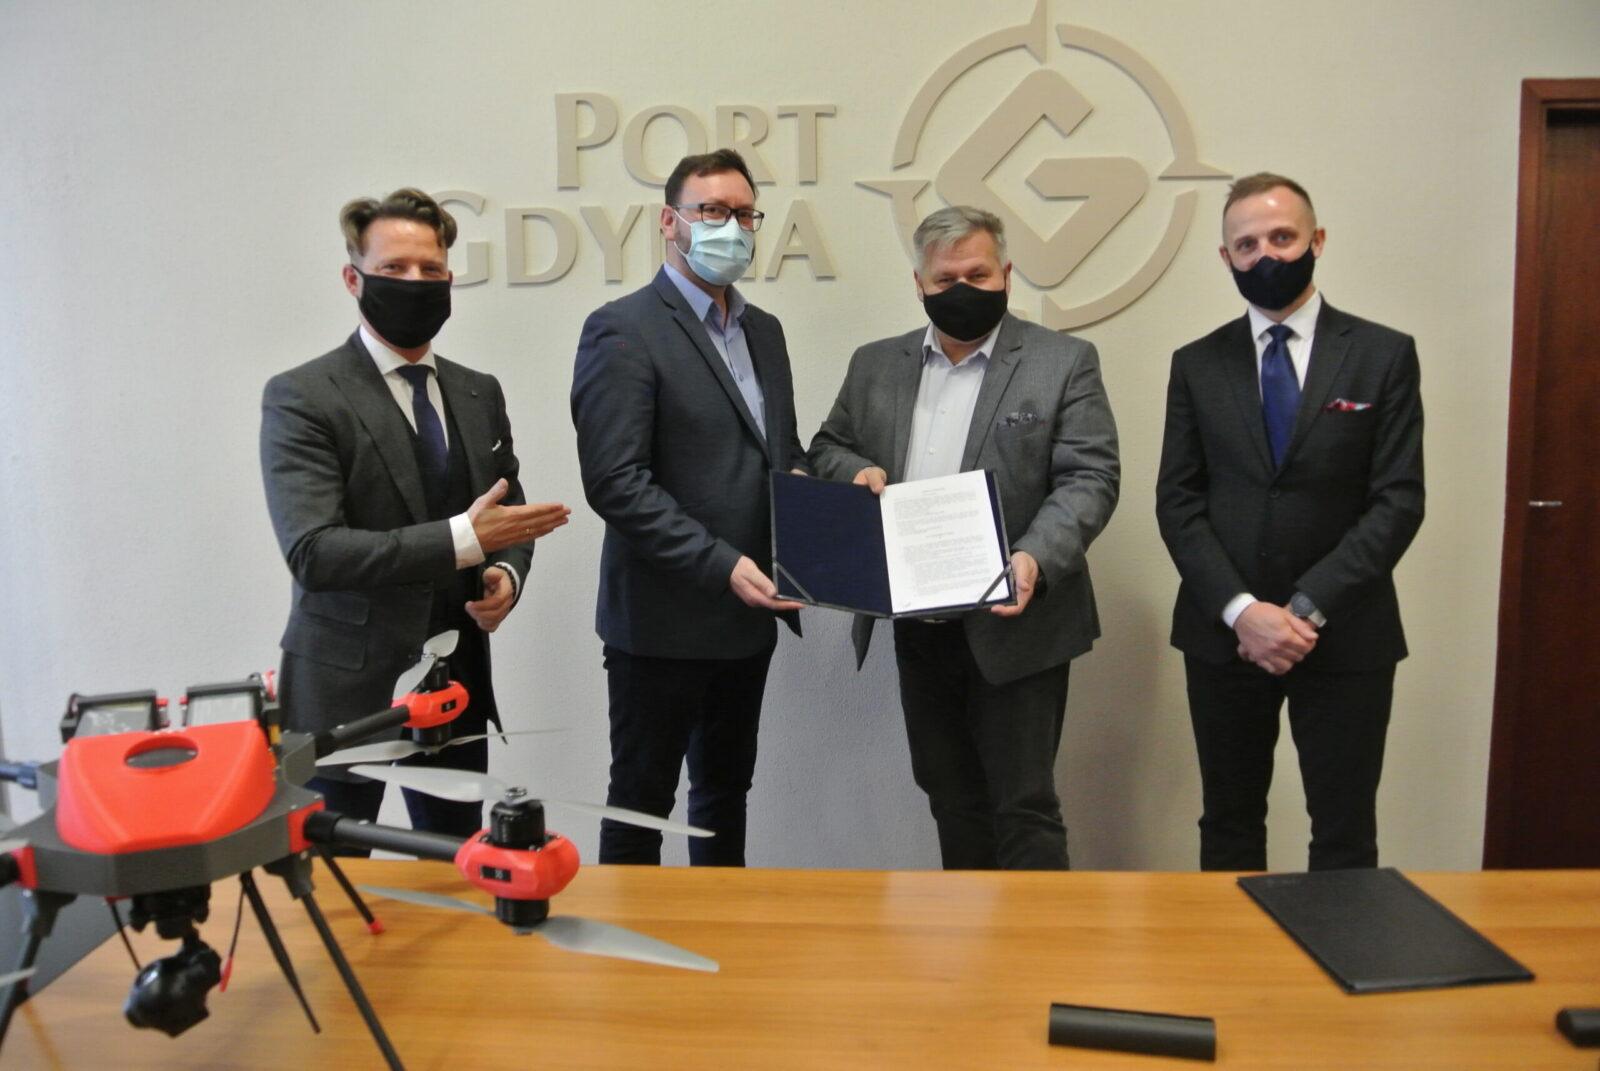 Standard Bezpieczeństwa Dronowego w Porcie Gdynia